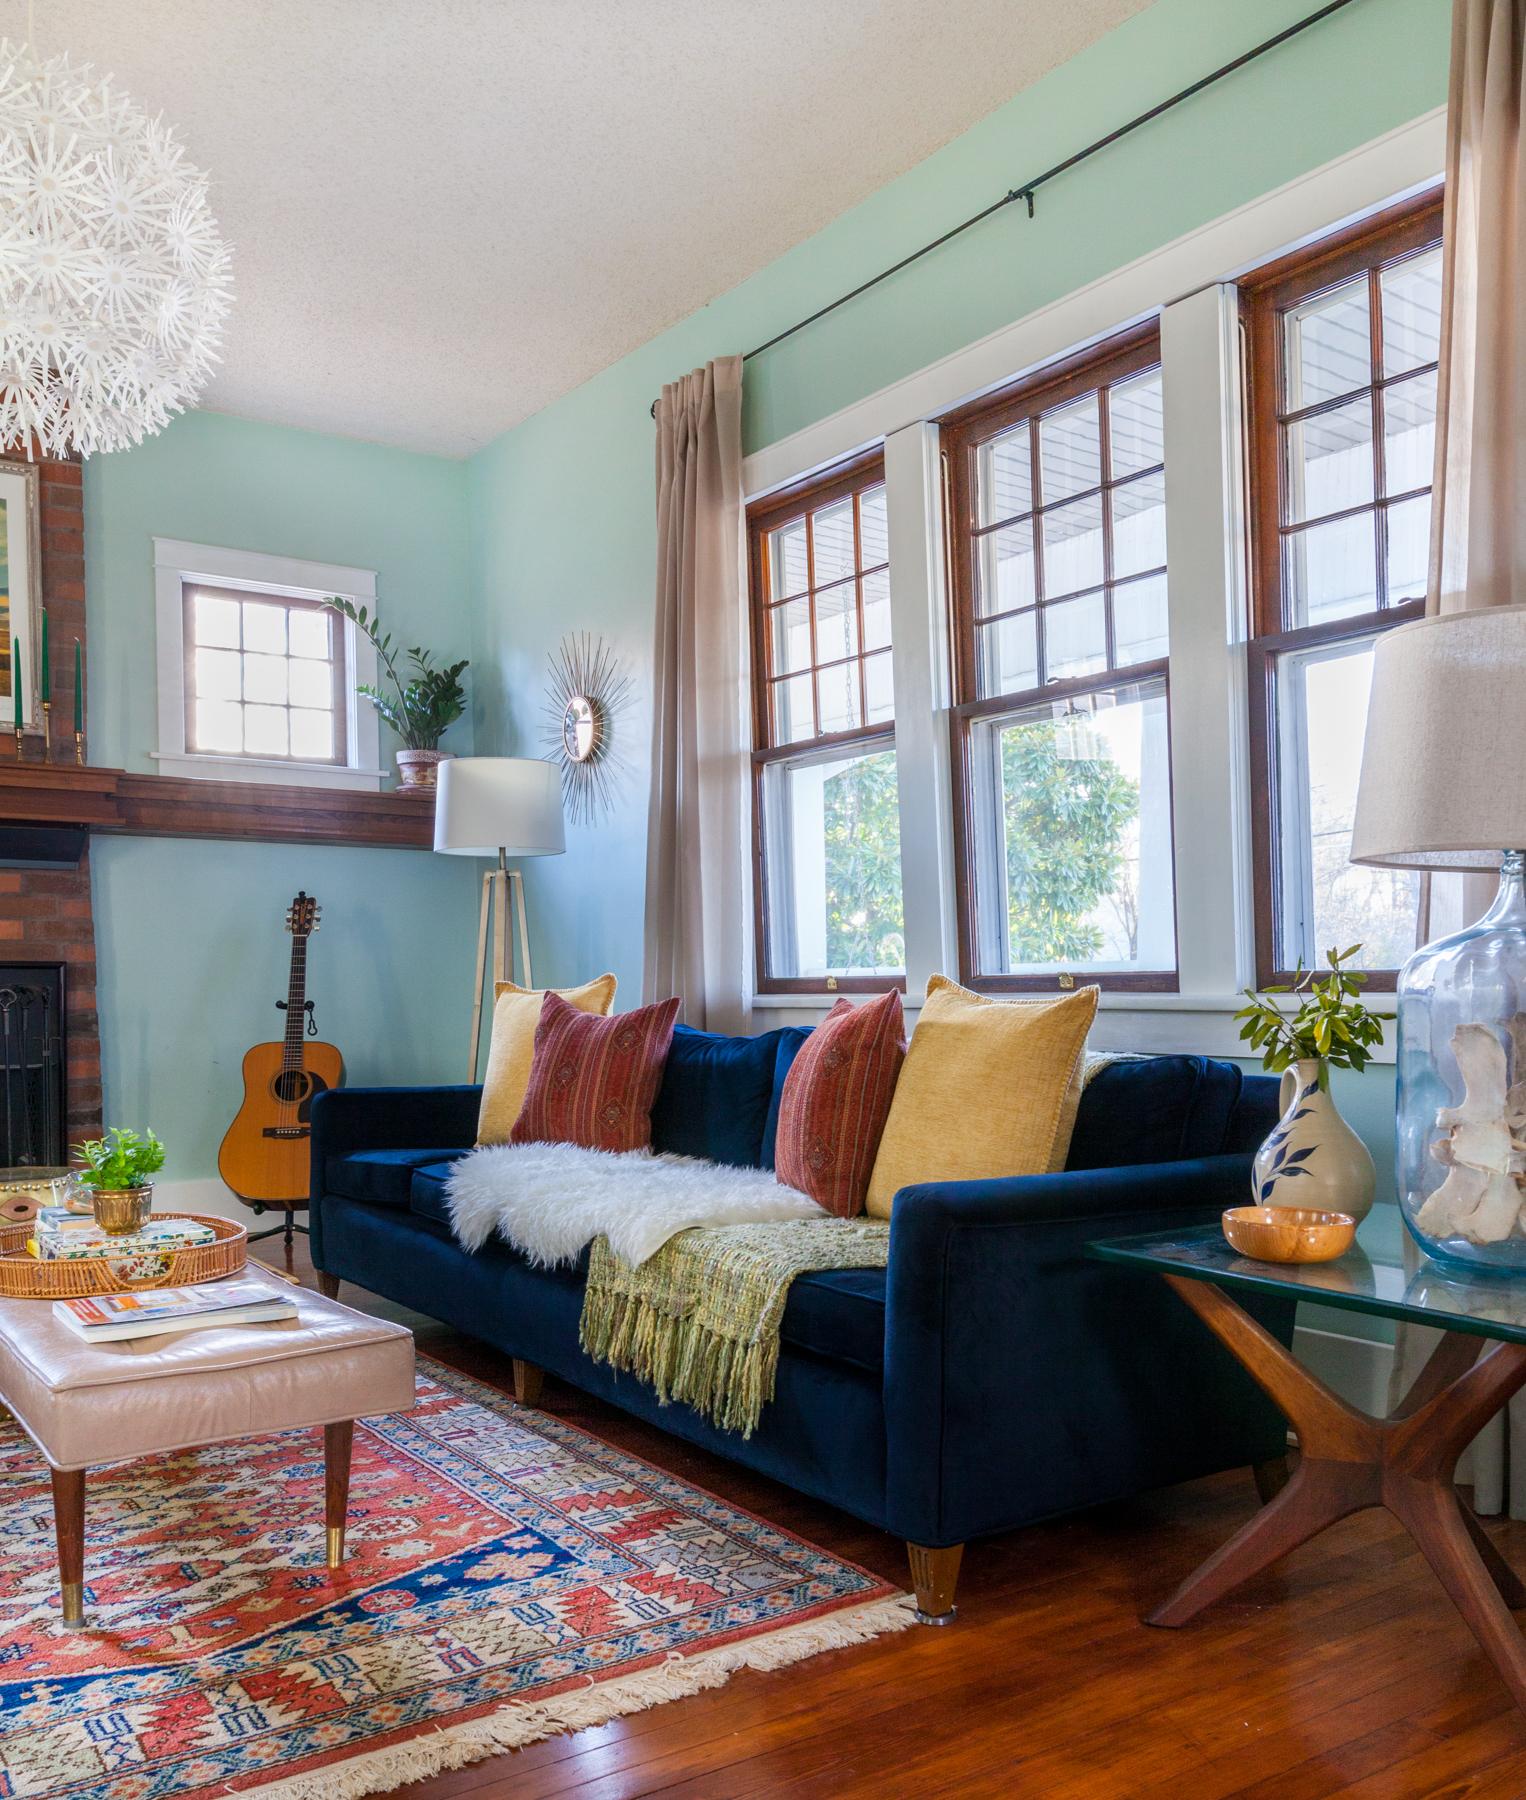 Fearless Home: Britt Kingery